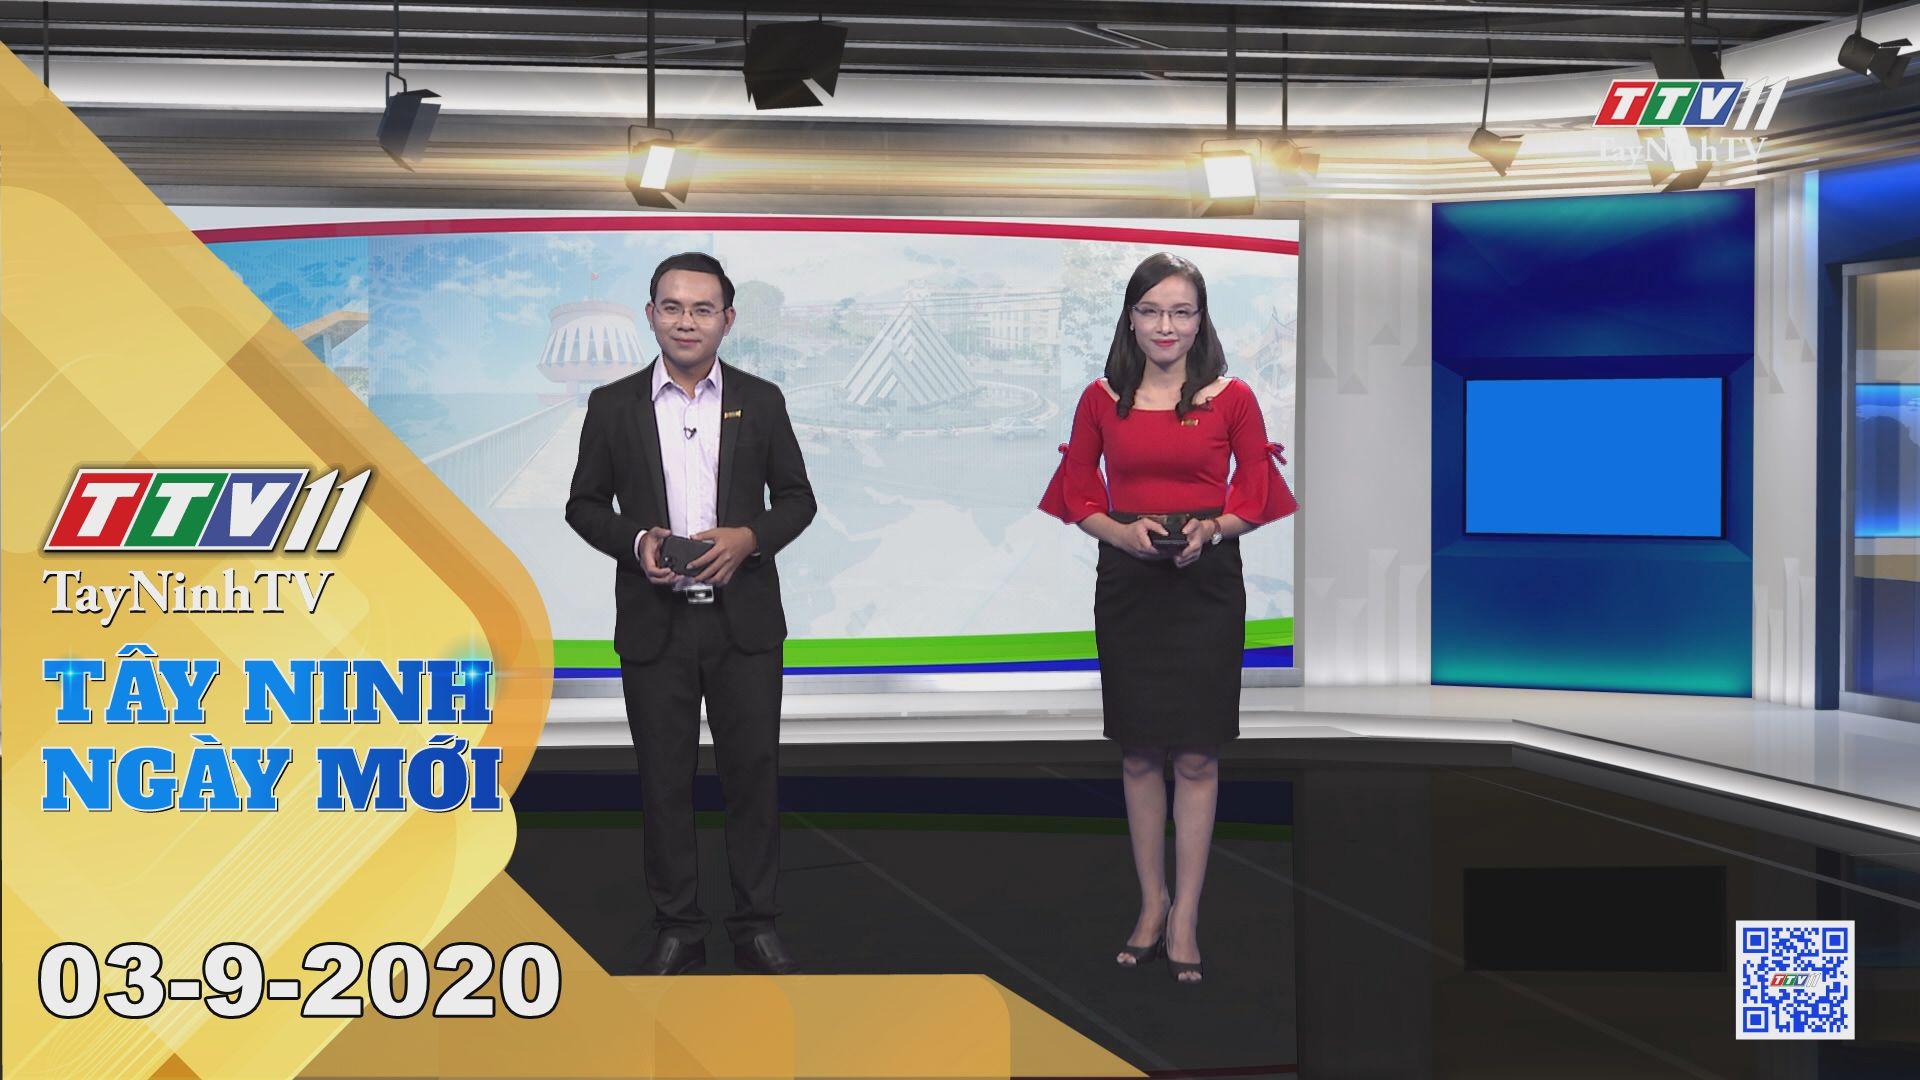 Tây Ninh Ngày Mới 03-9-2020 | Tin tức hôm nay | TayNinhTV